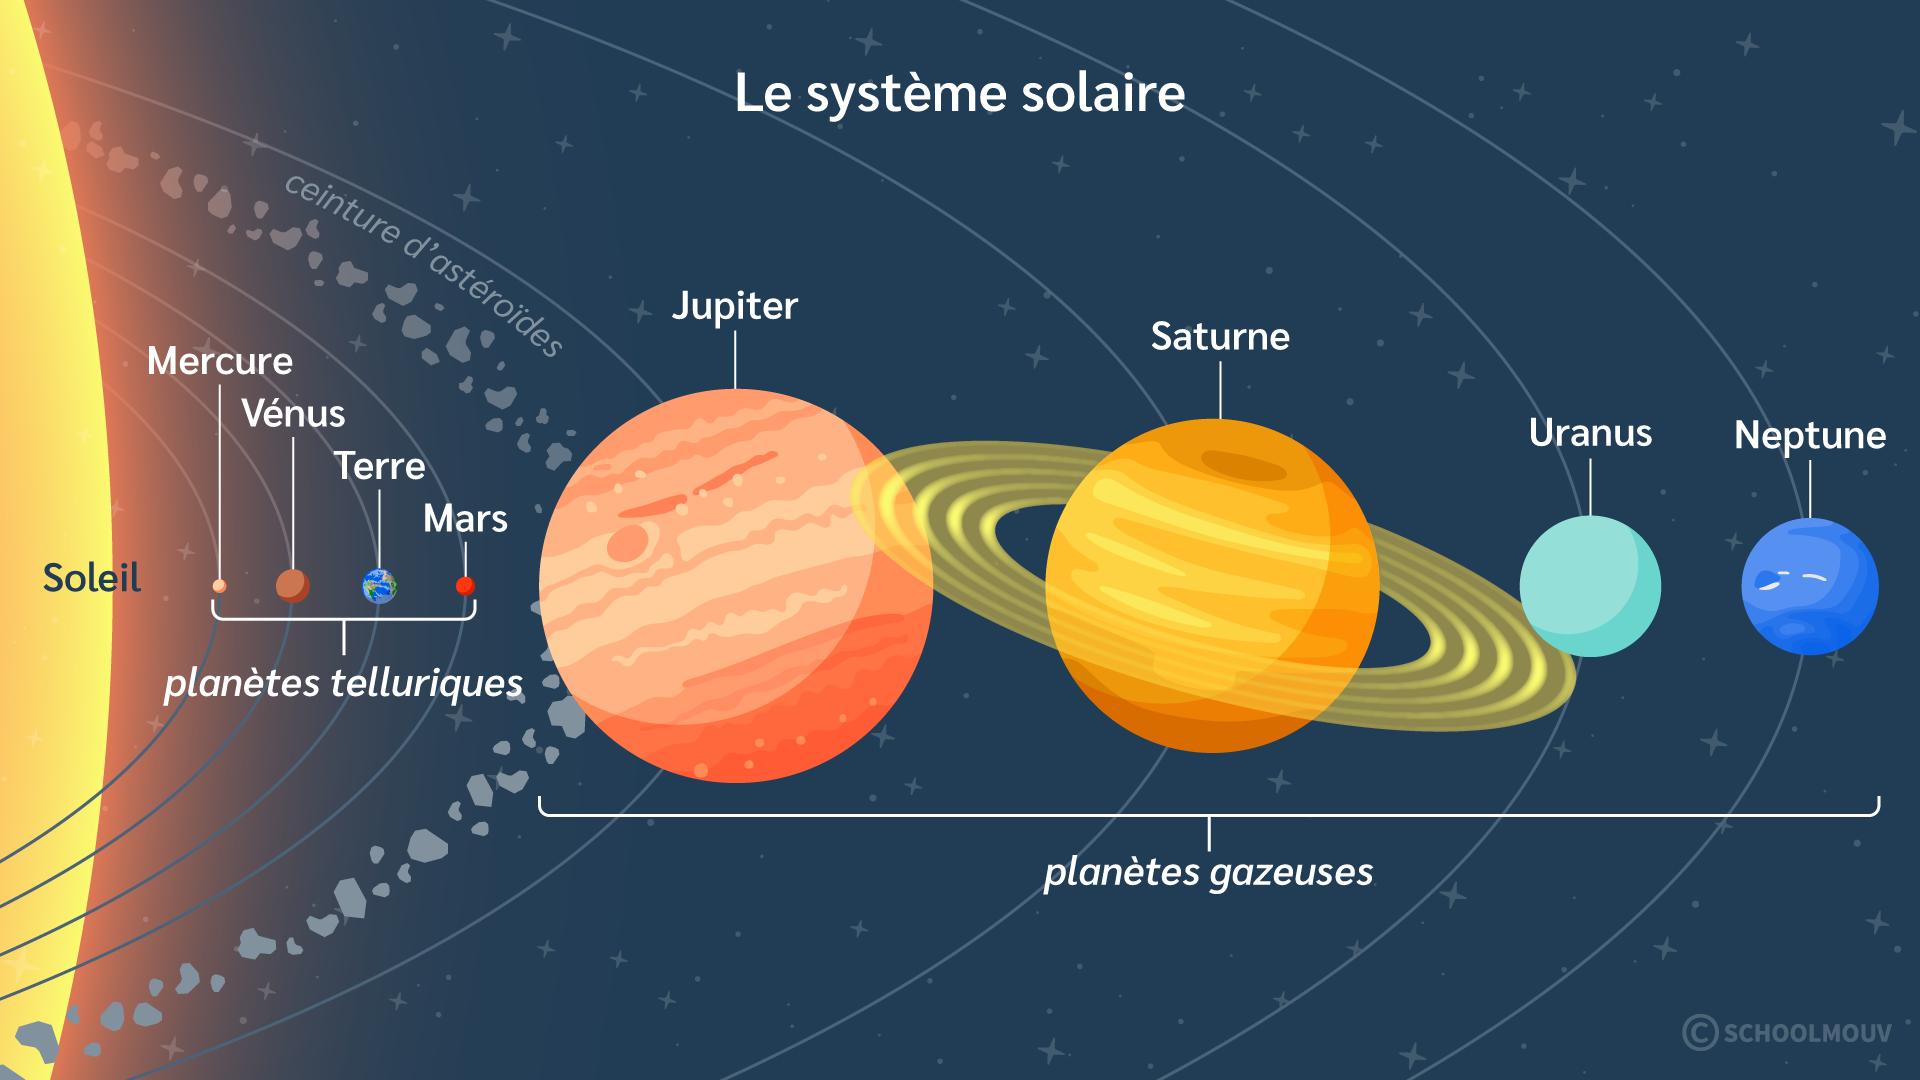 Primaire cm1 sciences technologies terre système solaire planètes telluriques gazeuses